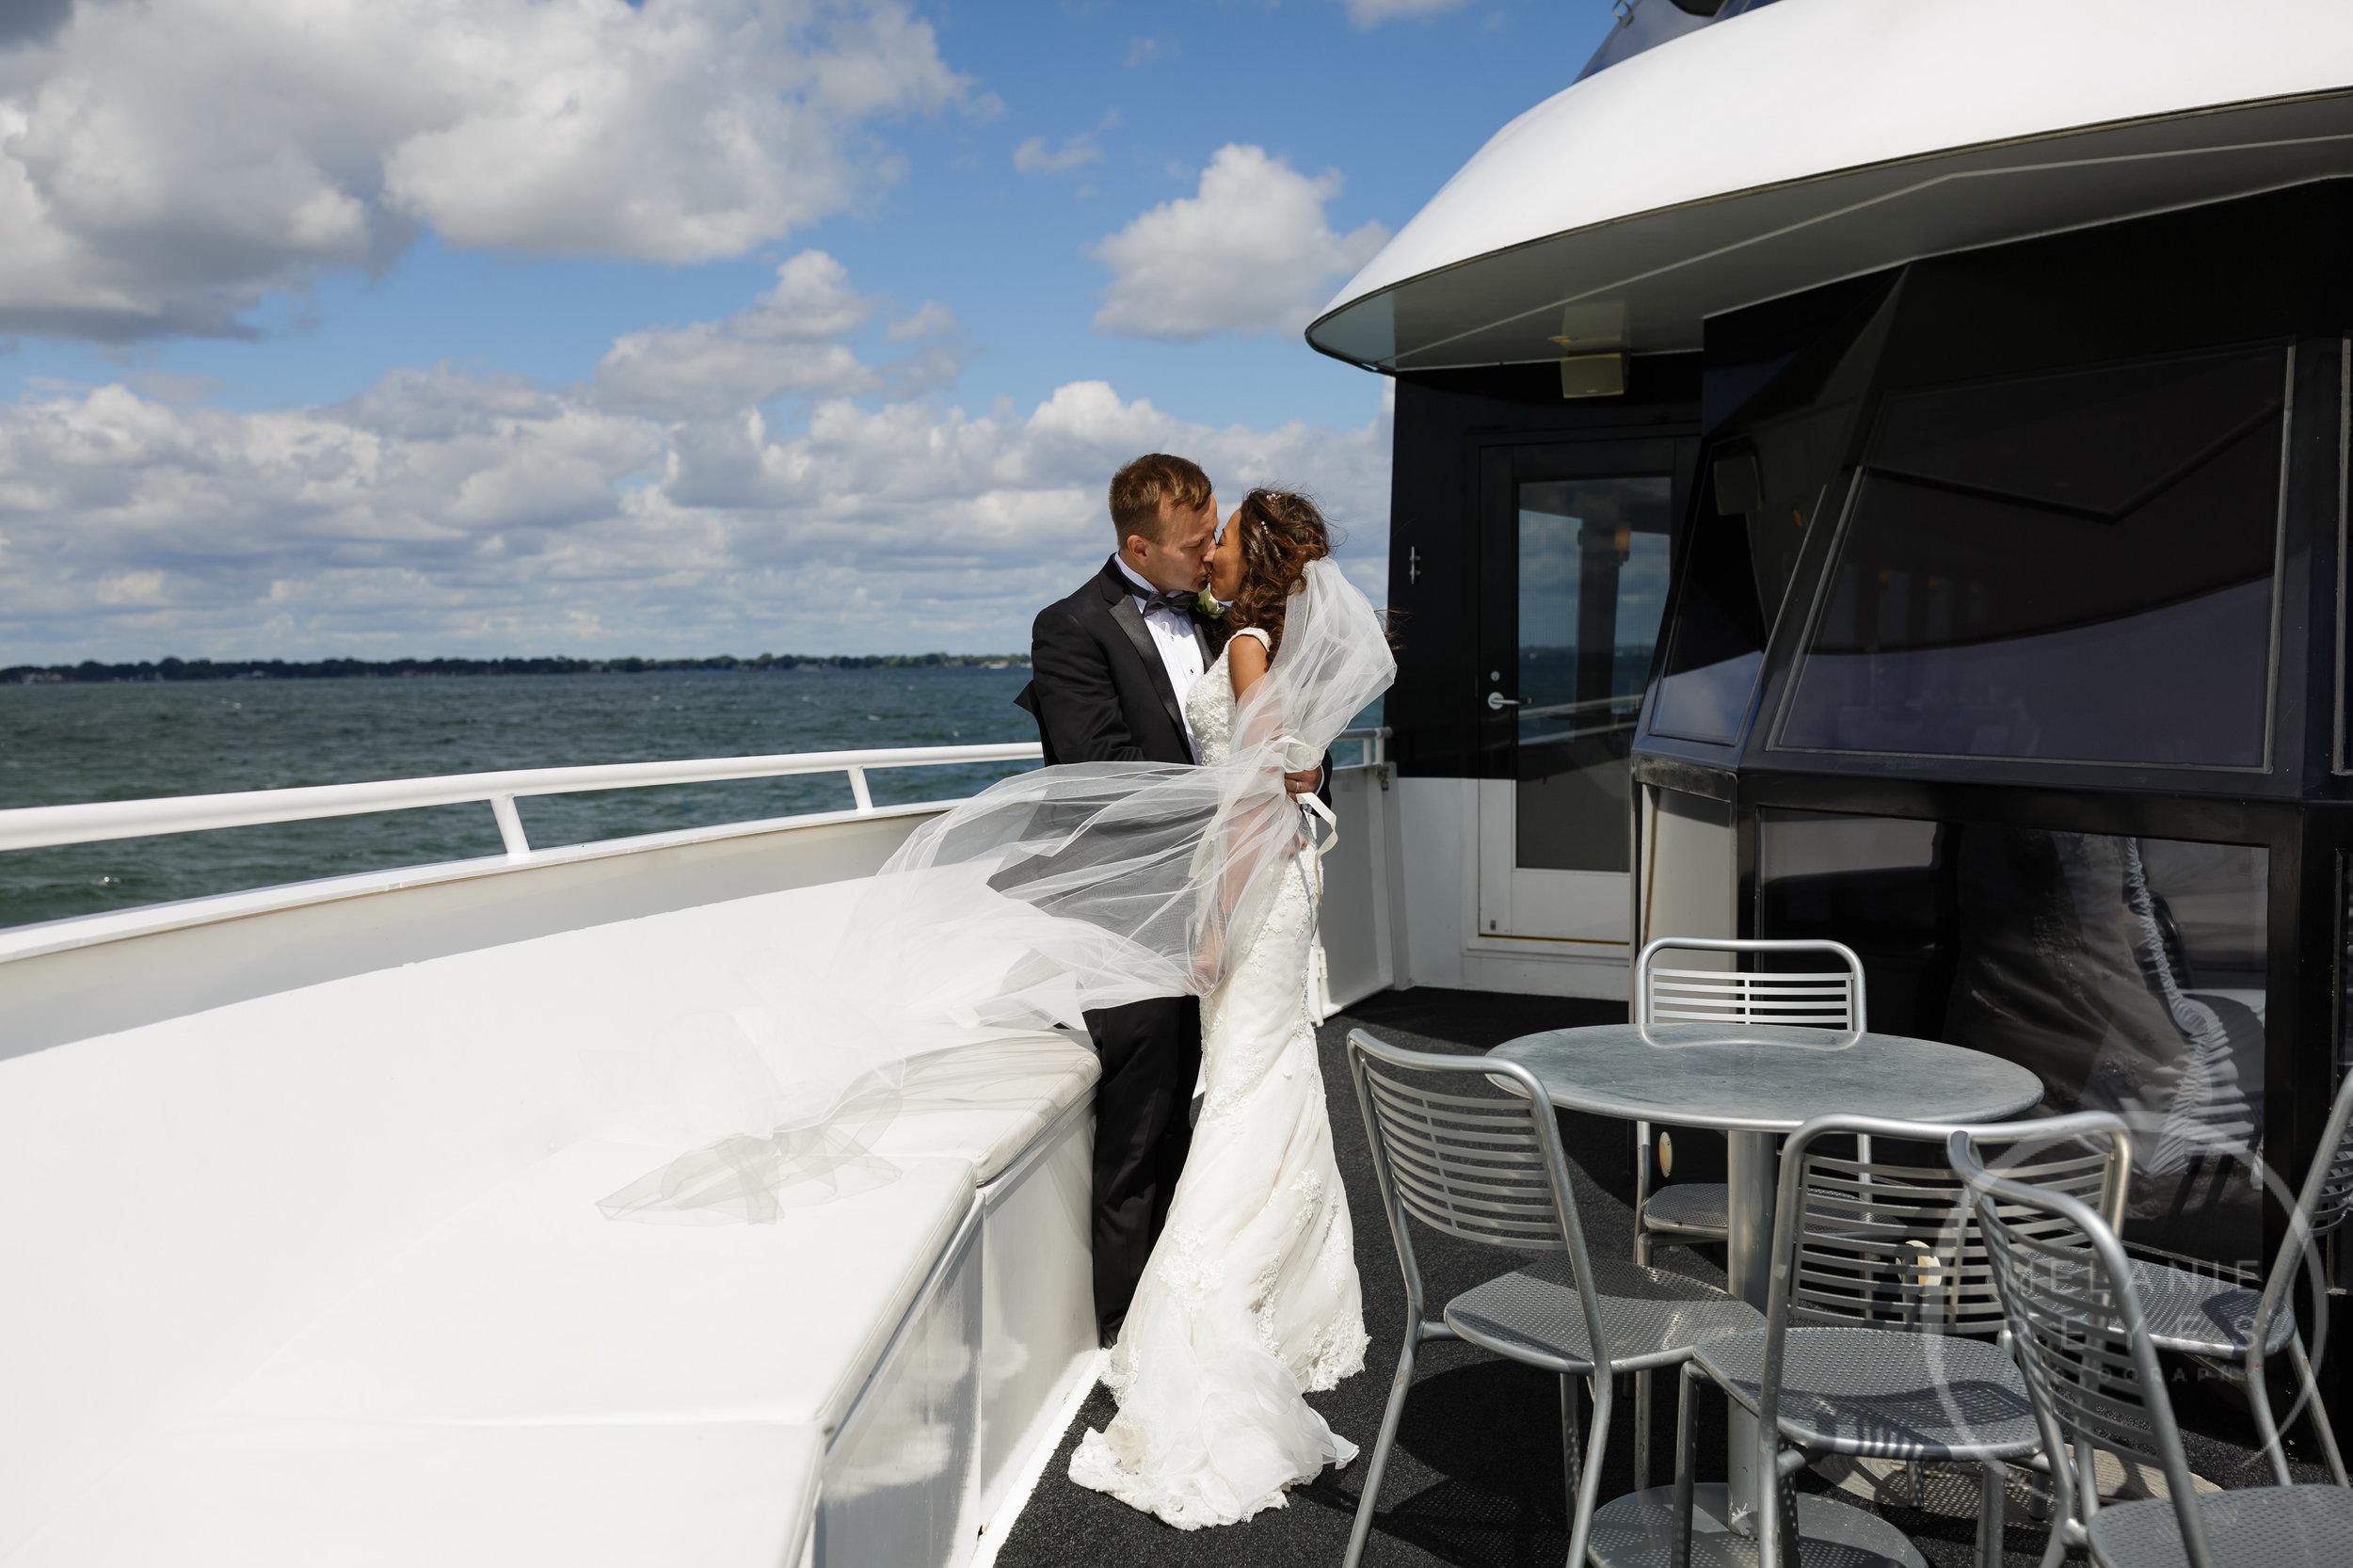 infinity_ovation_yacht_wedding_detroit_melaniereyes29.jpg